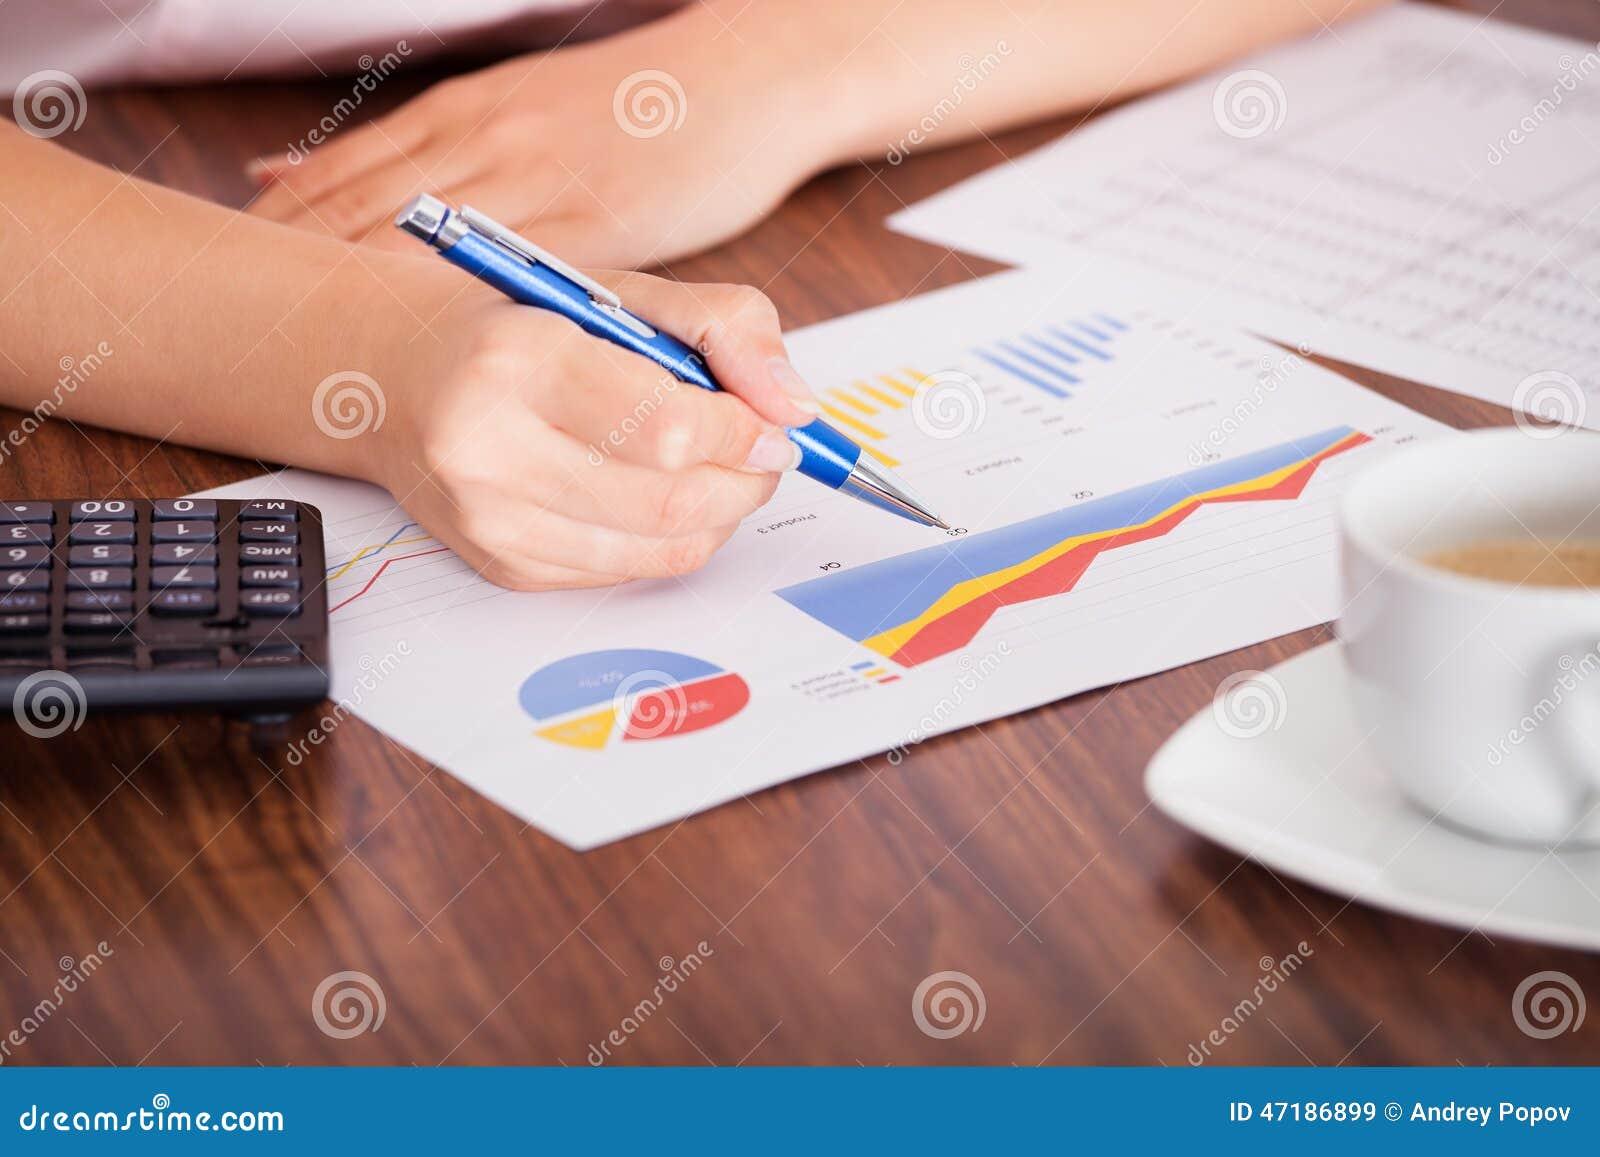 Γυναίκα που αναλύει τα οικονομικά στοιχεία